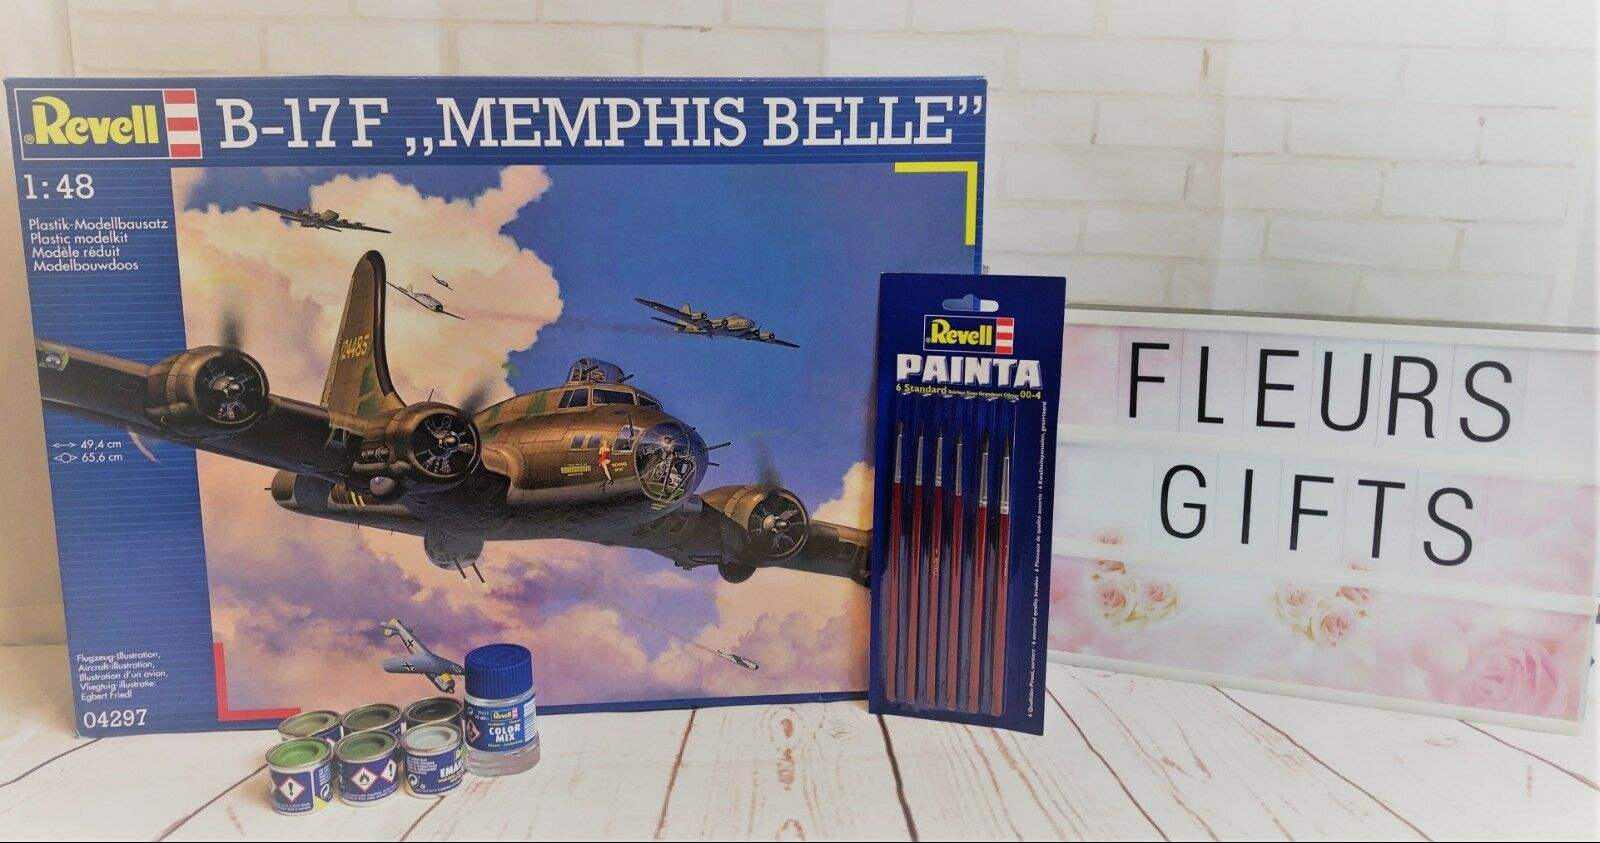 Revell Model B-17F  Memphis Belle  Level 5 1 48 Model Kit 04297 Paints